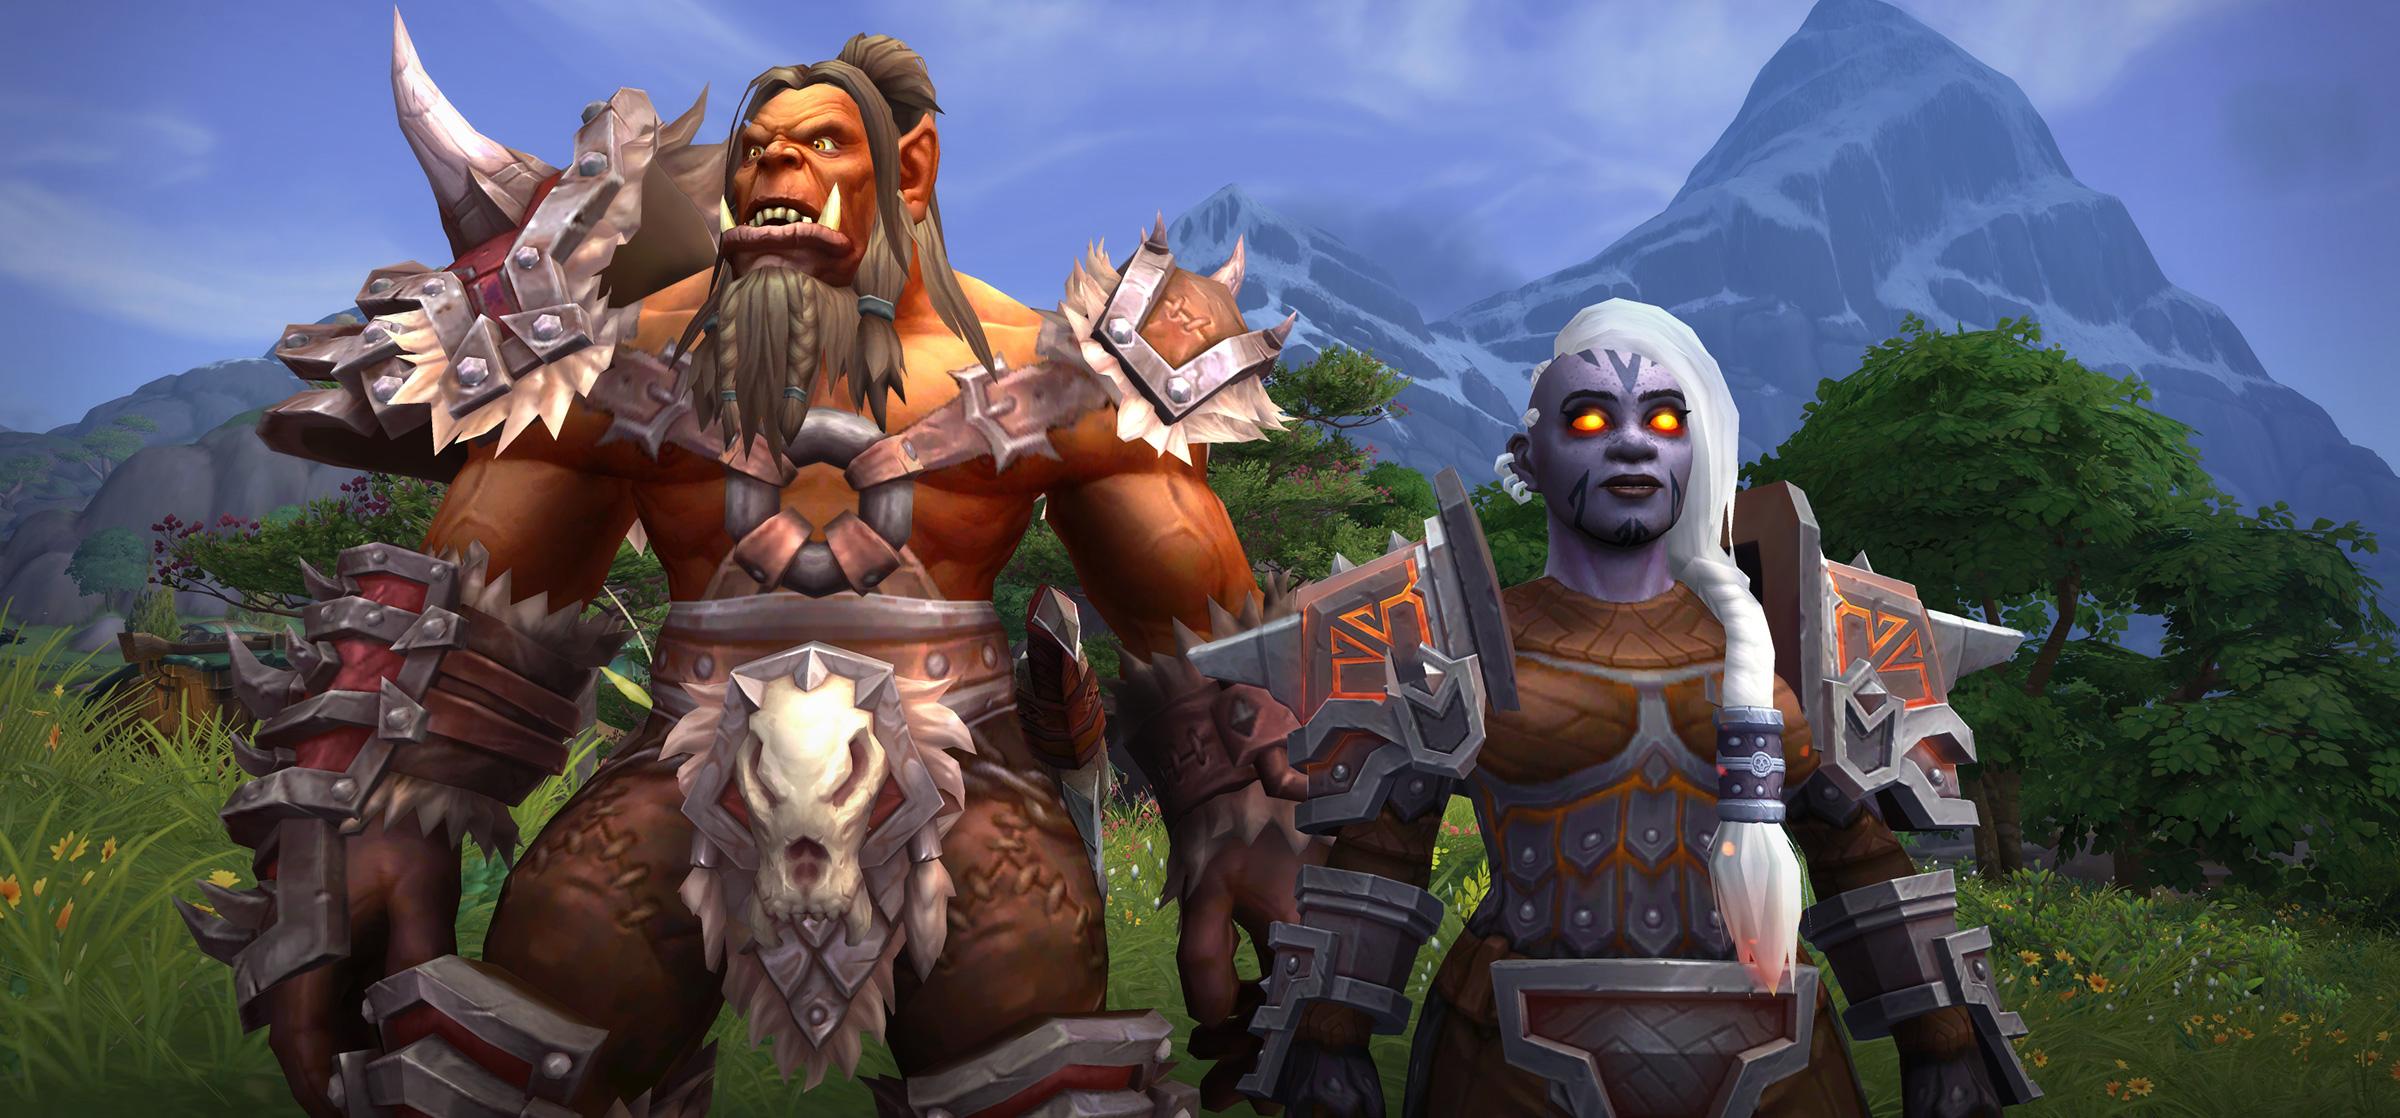 Les races alliées Orc Mag'har et Nain sombrefer se débloquent dès la sortie de Battle for Azeroth